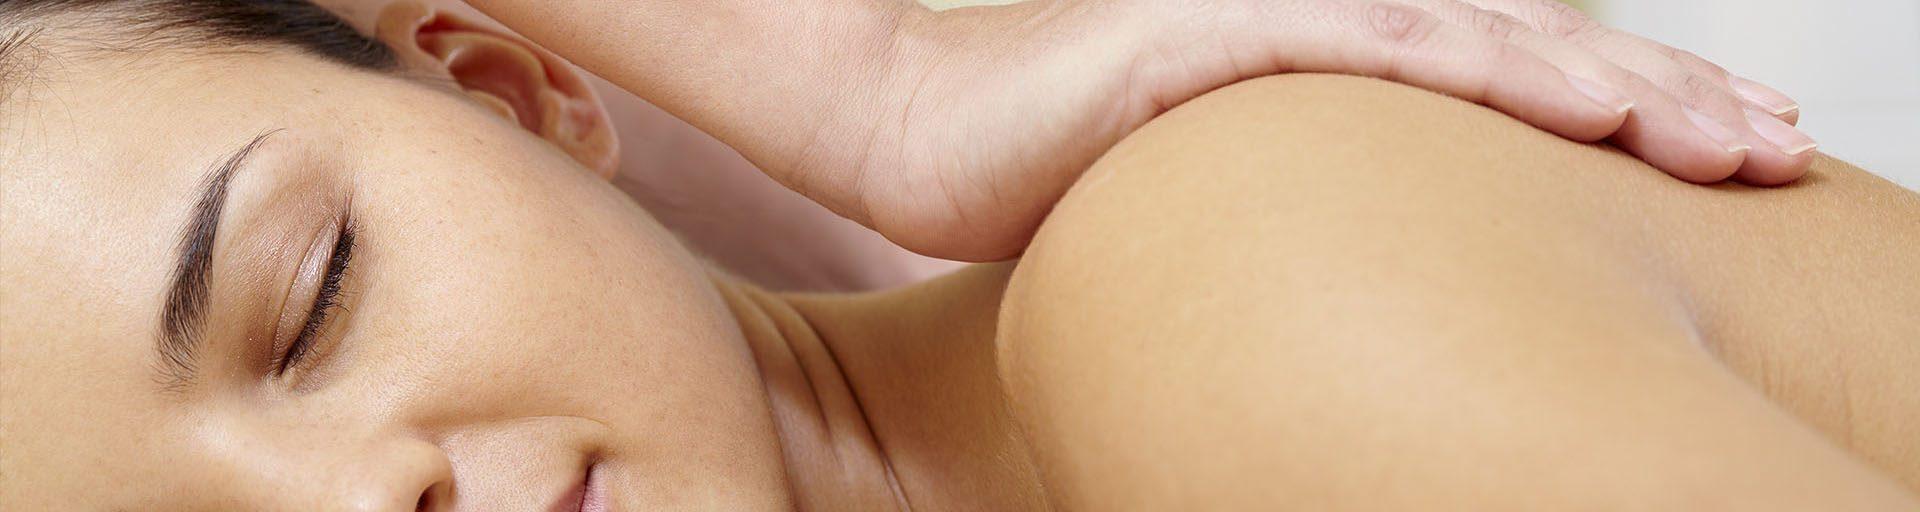 Massagem Relaxante e Terapêutico